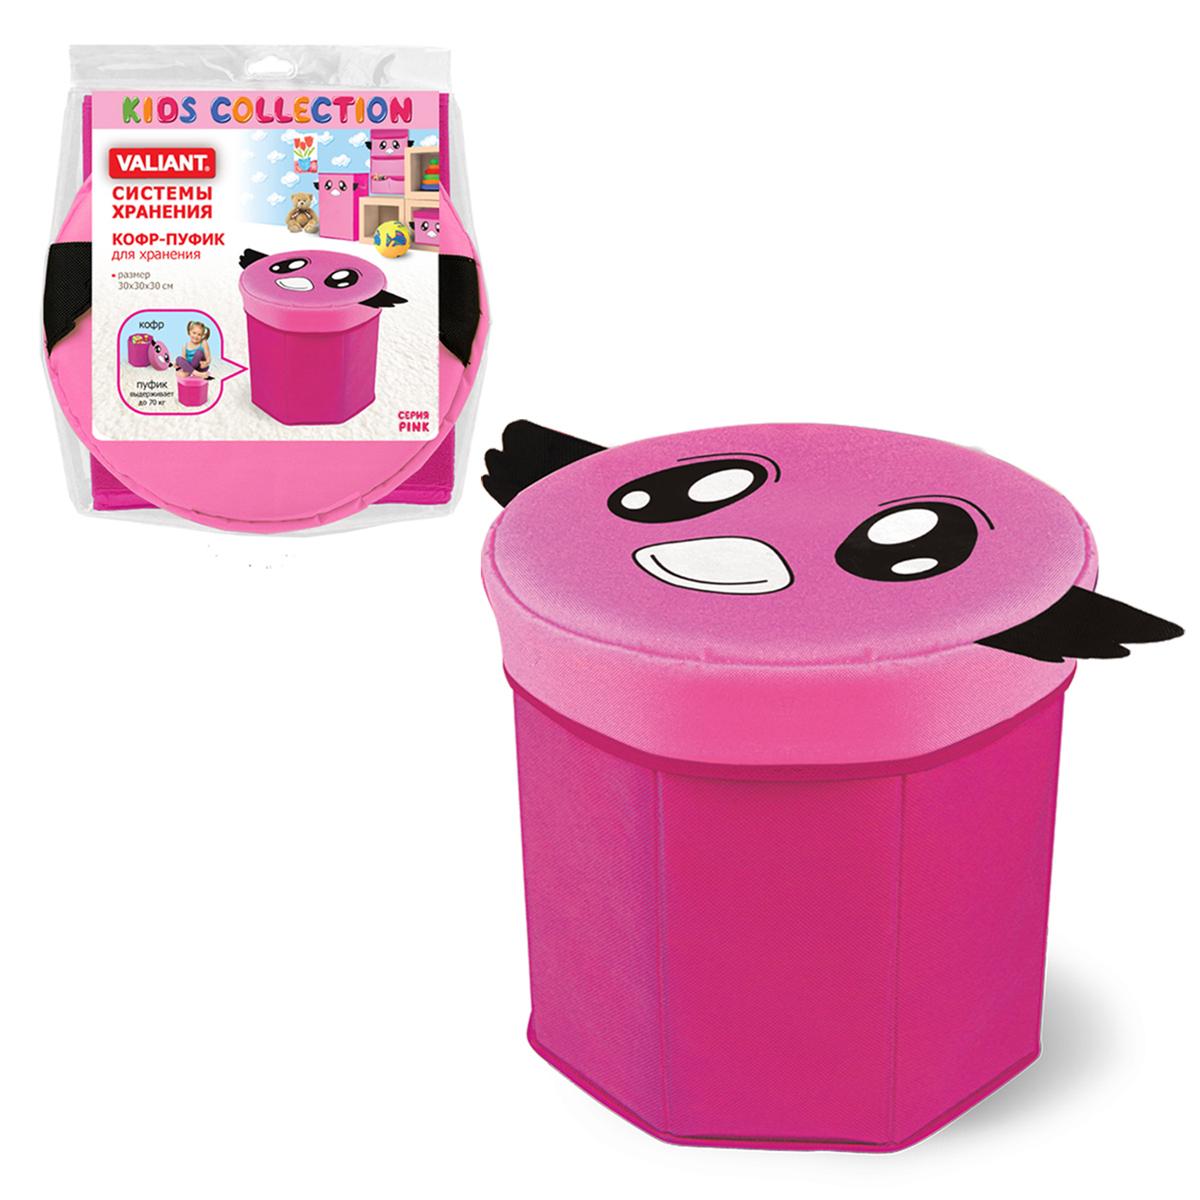 VAL PNK-10 Короб-пуфик для хранения, 30*30*30 см, цвет: розовыйPNK-10VAL PNK-10 Короб-пуфик для хранения, 30*30*30 см